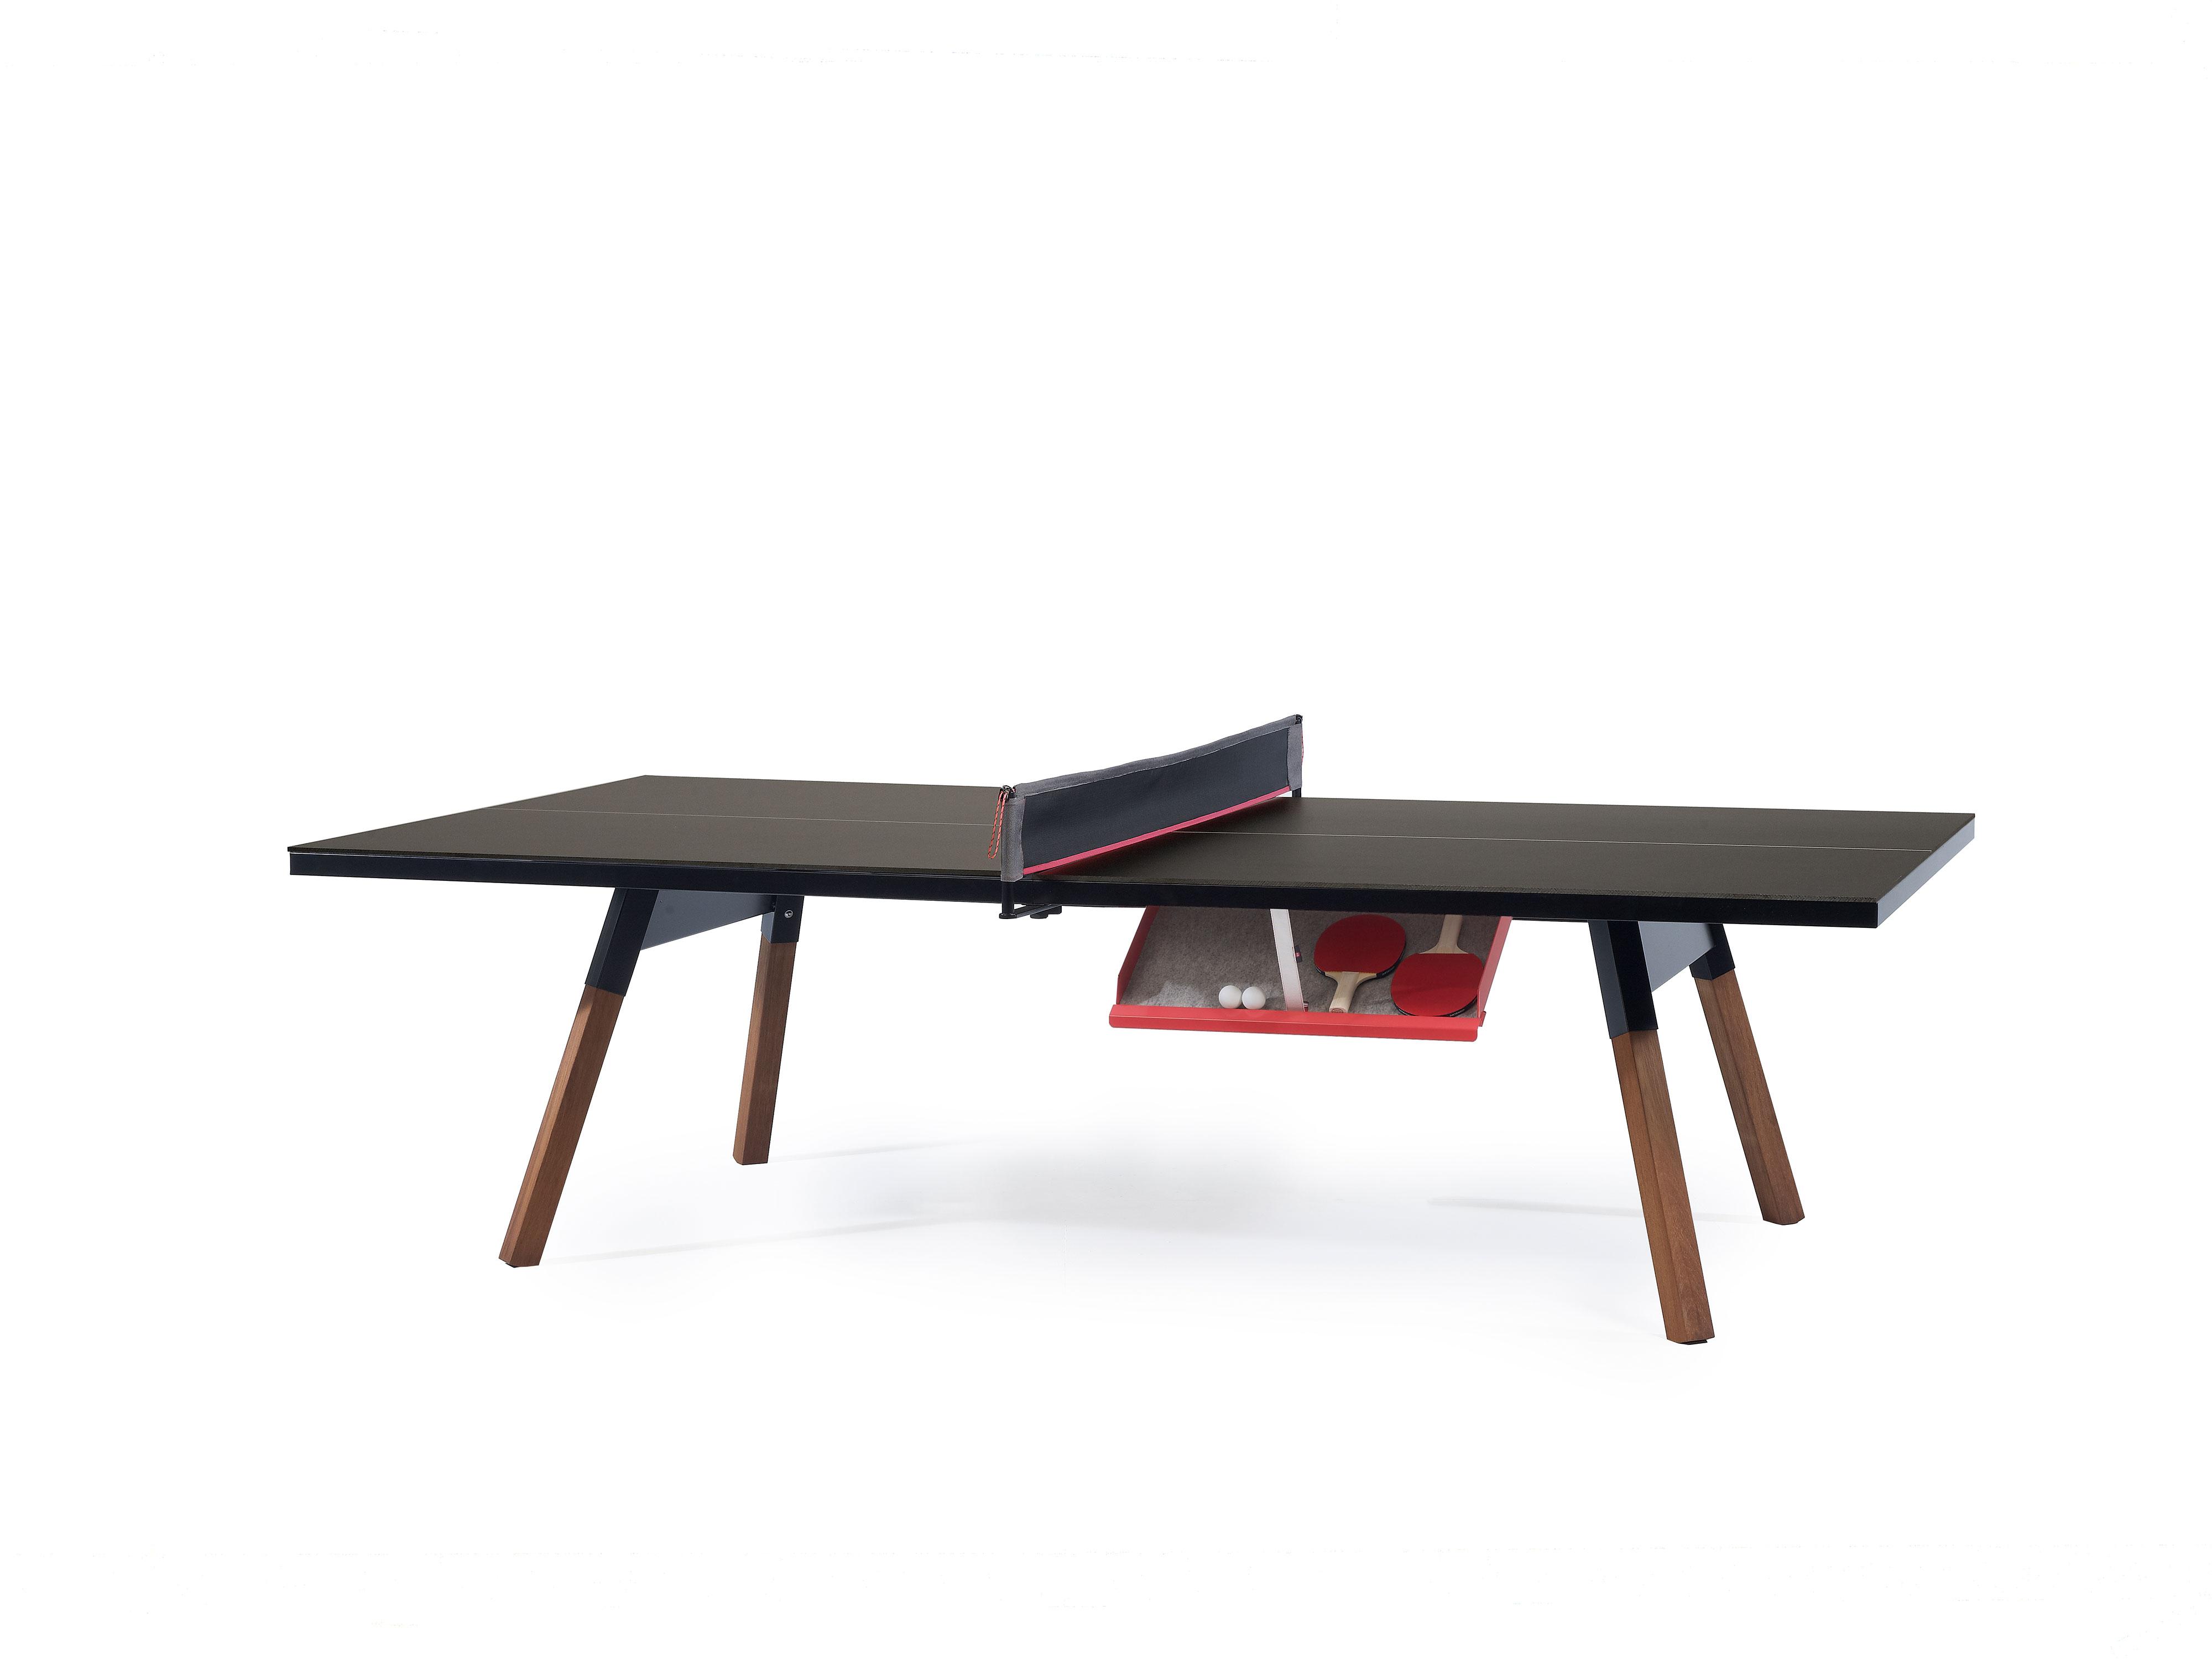 """Tischtennisplatte """"Das Multitalent"""" - Design YM Standard von RS Barcelona"""